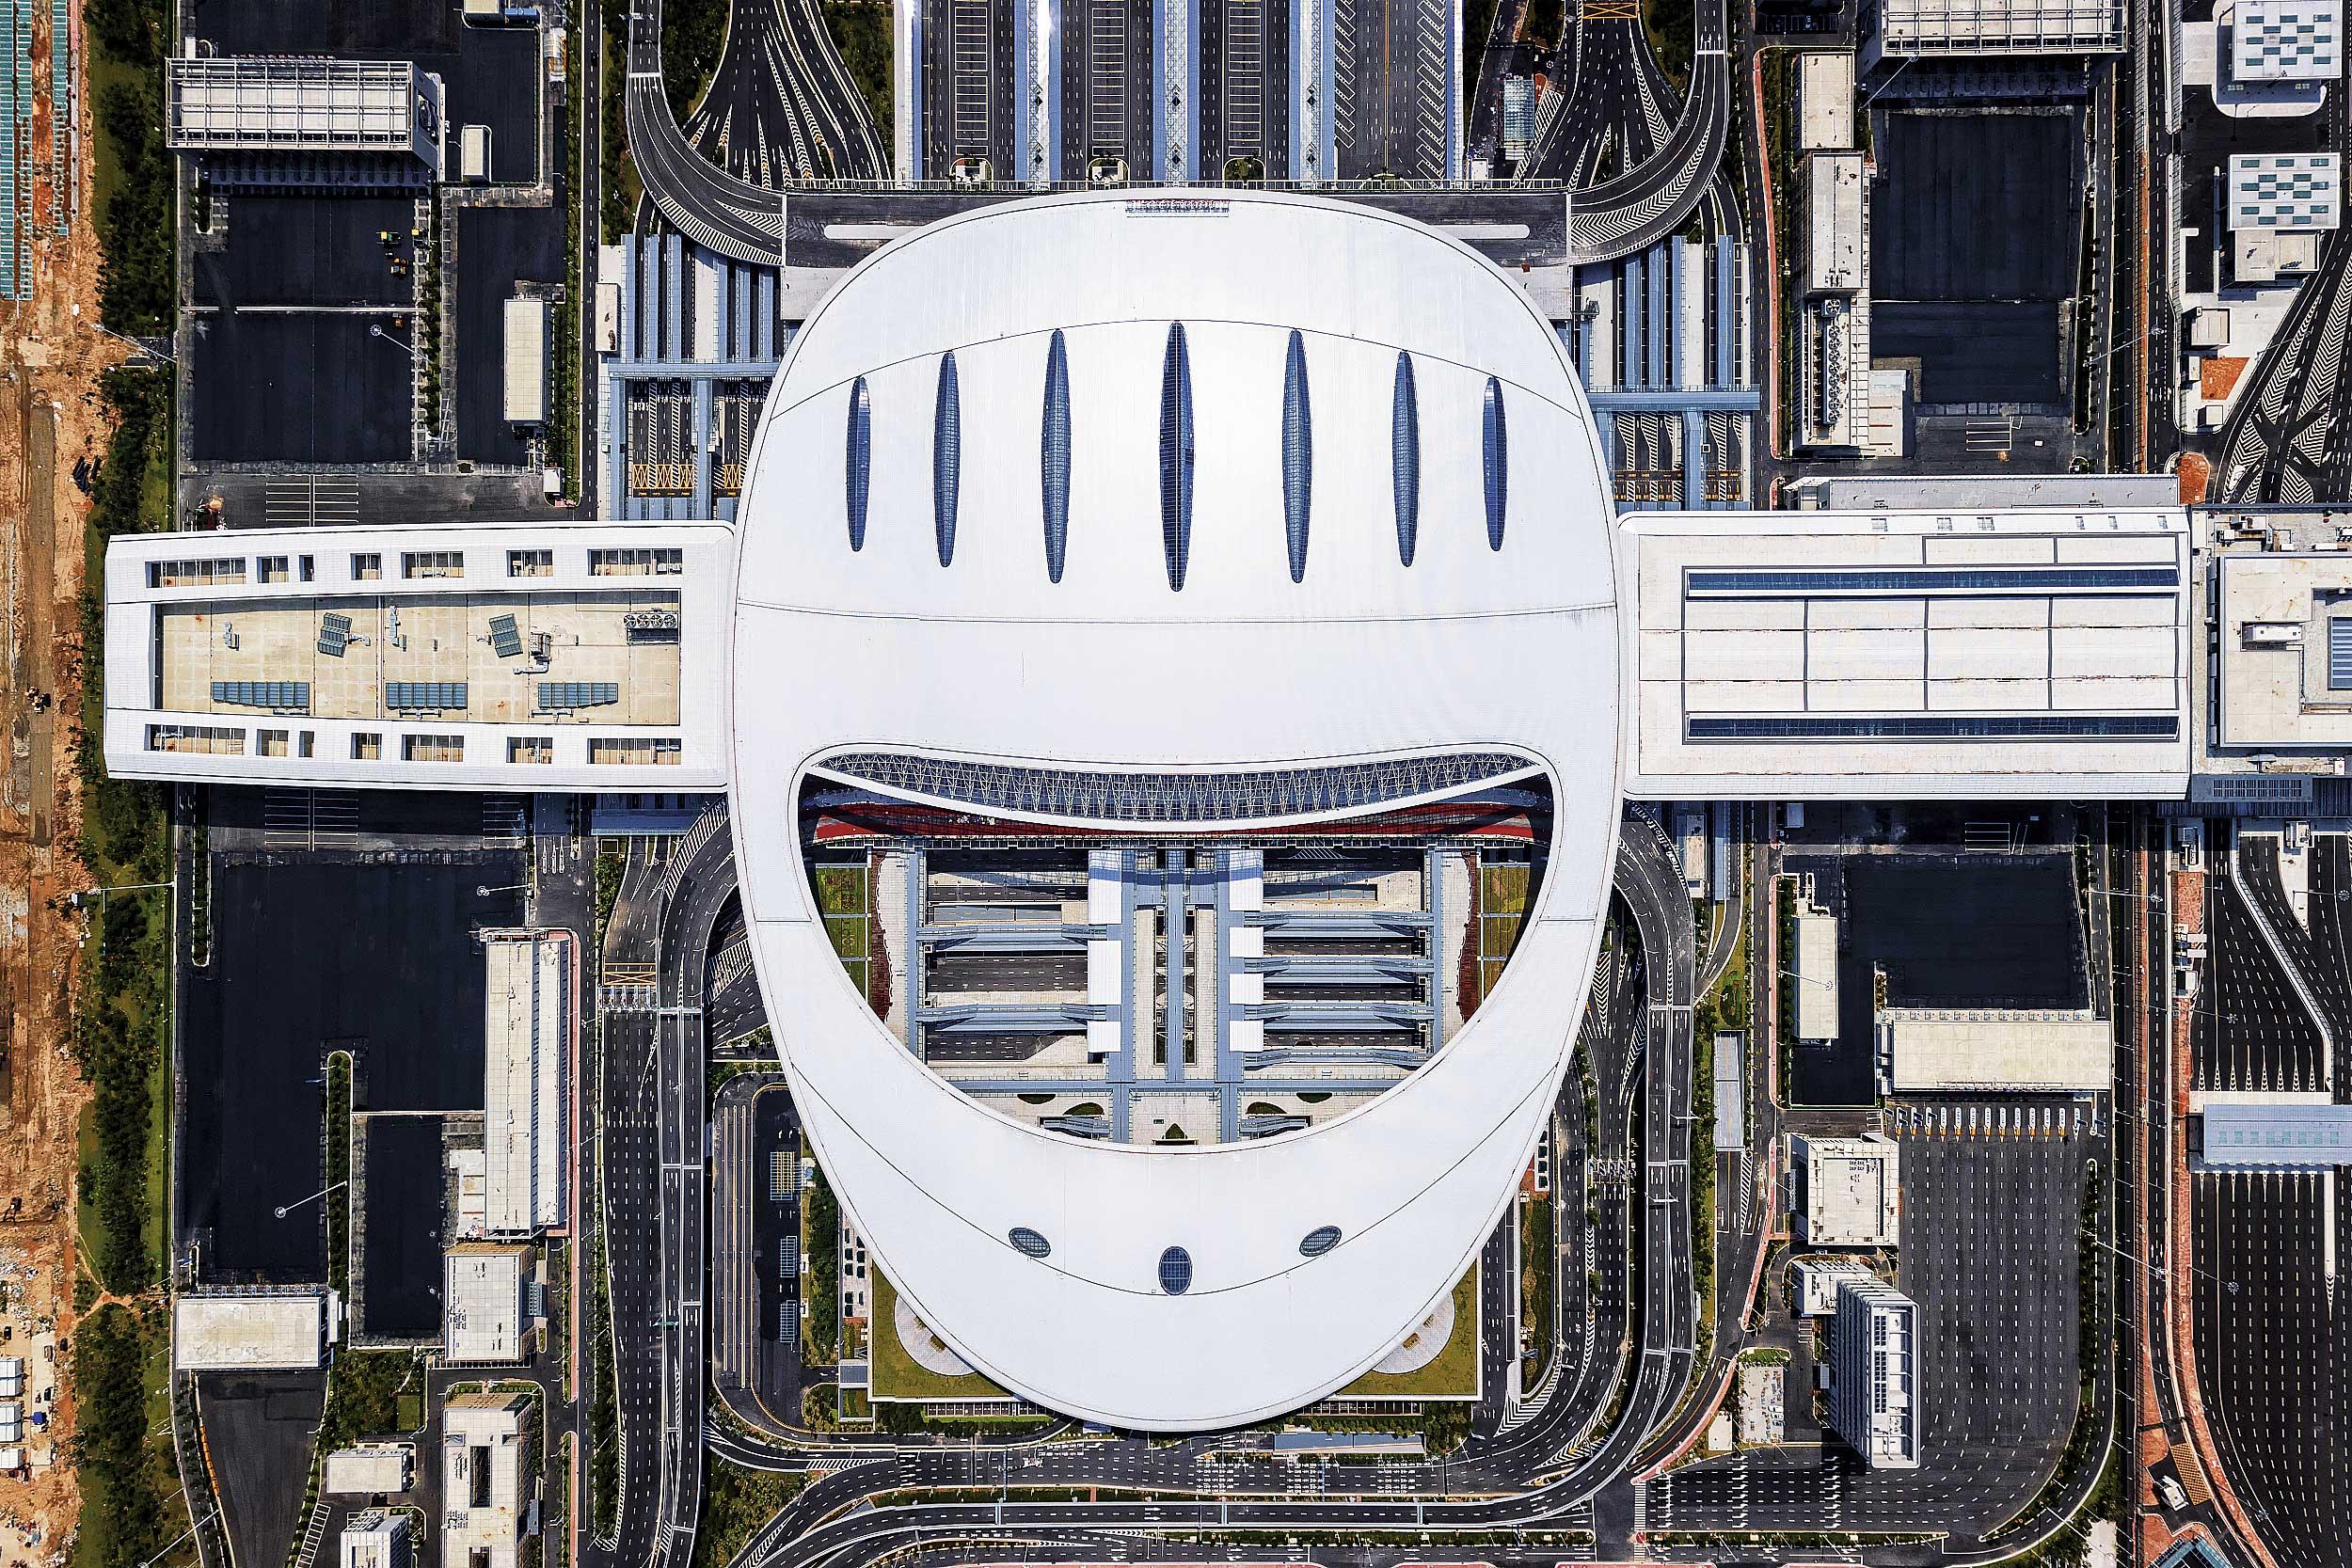 港珠澳大橋島隧工程在沉管結構、製造工藝、接頭的方案、隧道形式等方面都實現了技術突破,擁有40 項創新和540項專利。